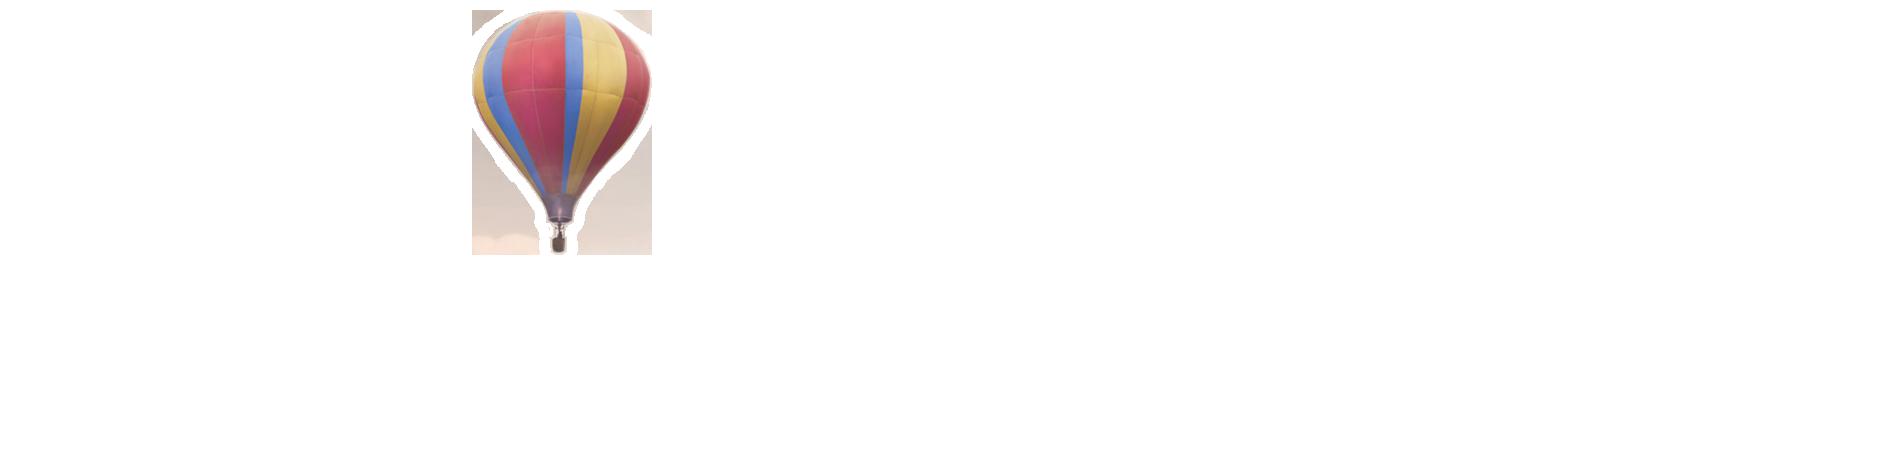 Mongolfiera png